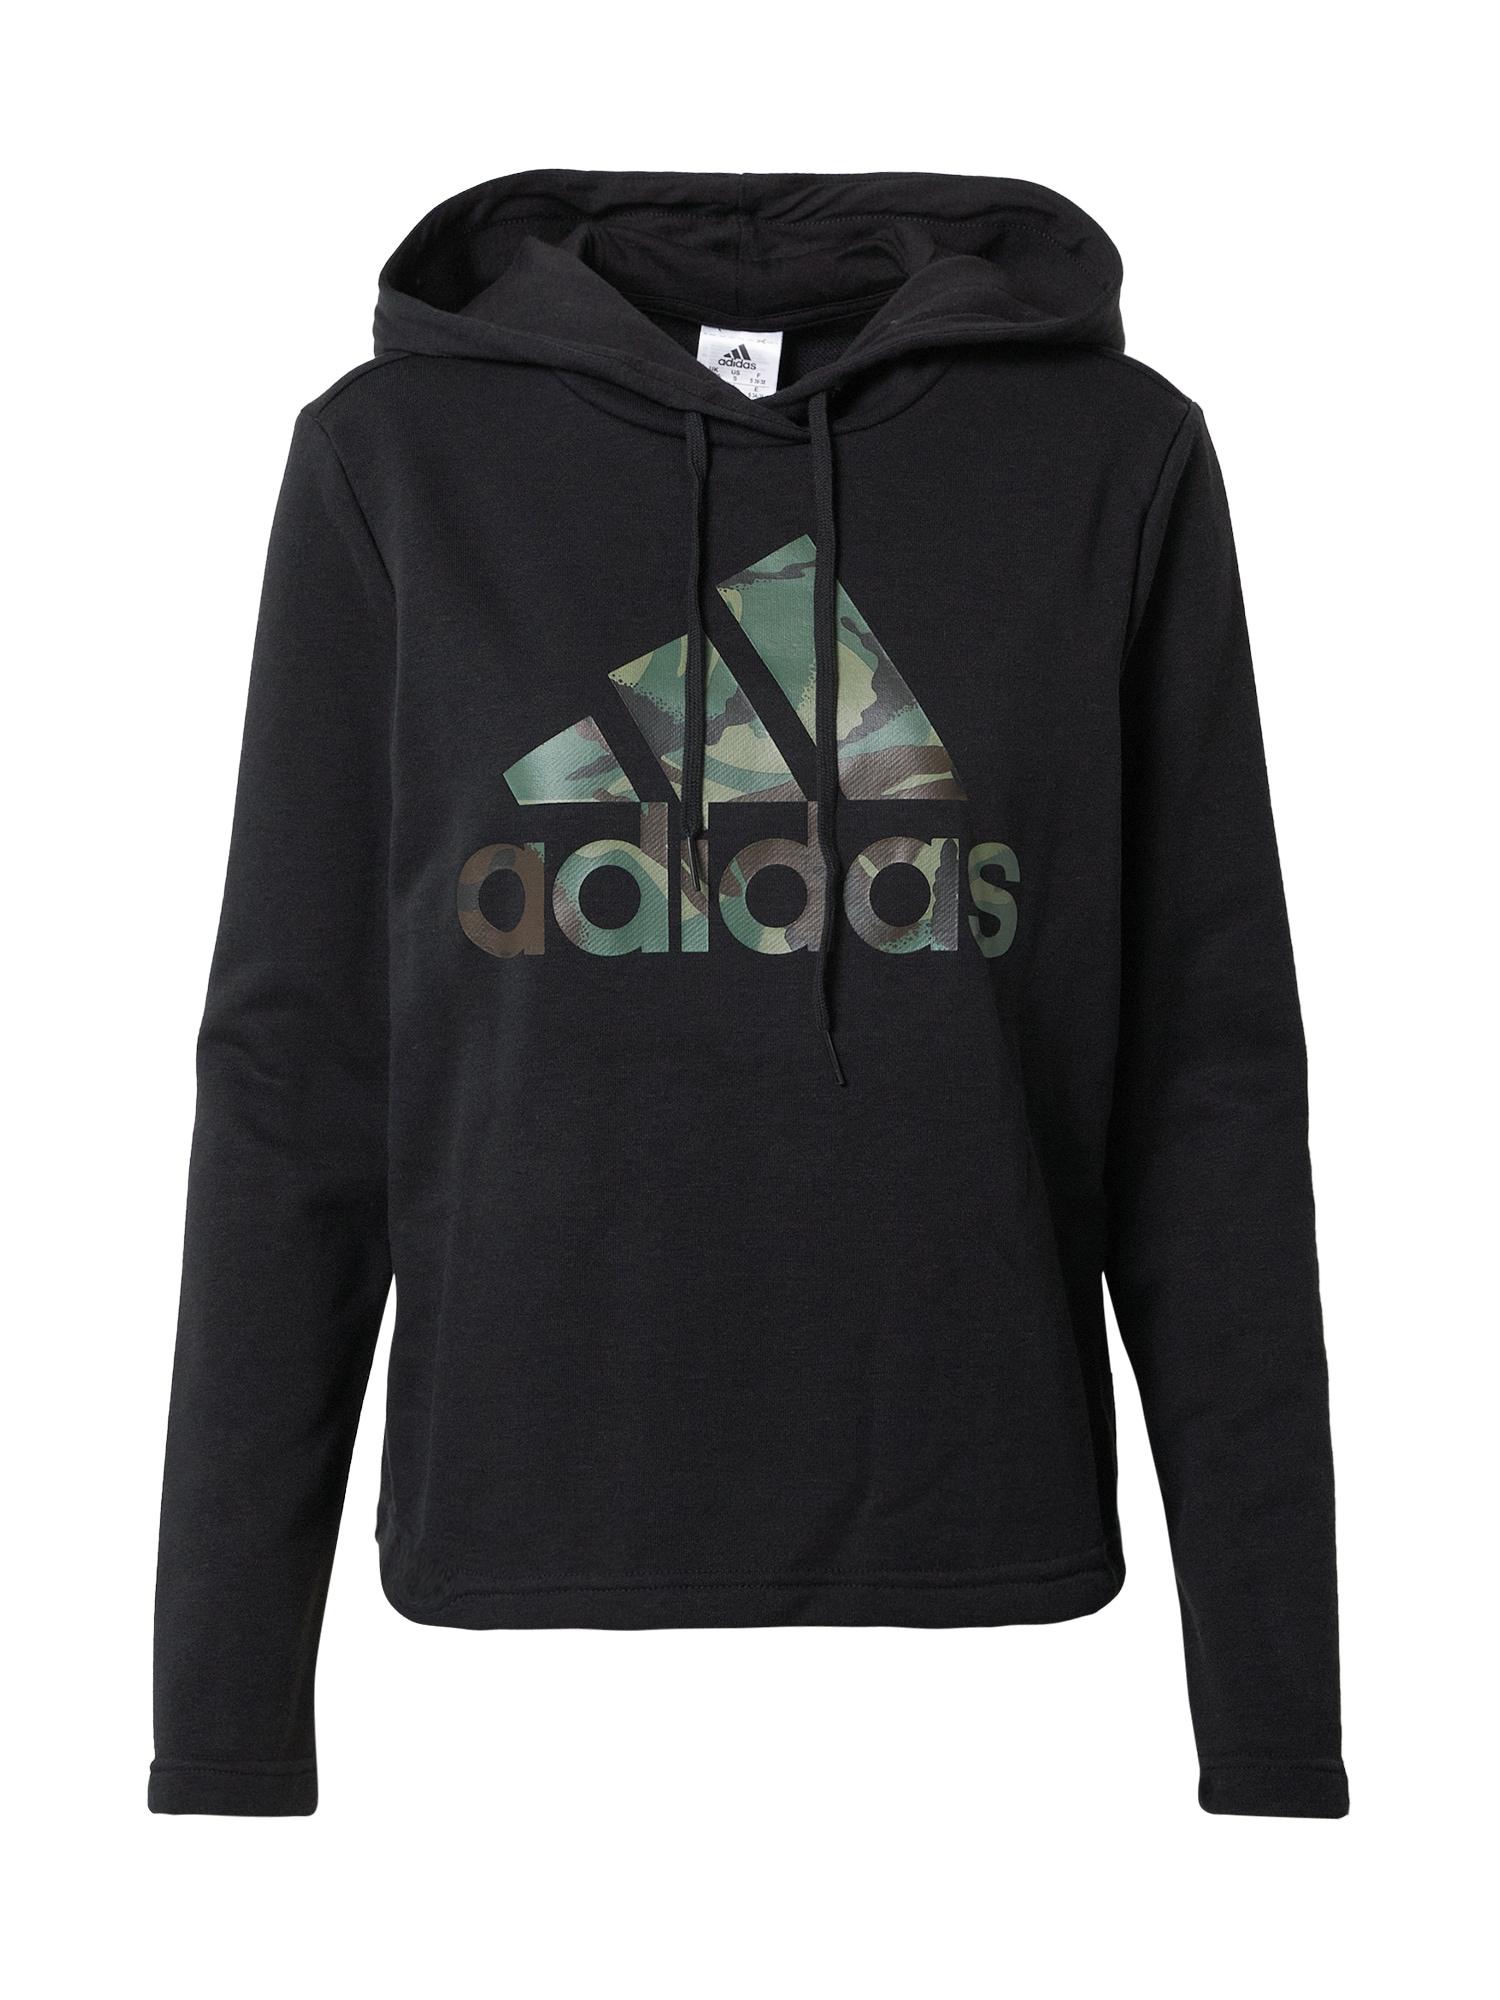 ADIDAS PERFORMANCE Sportinio tipo megztinis juoda / rusvai žalia / ruda / tamsiai pilka